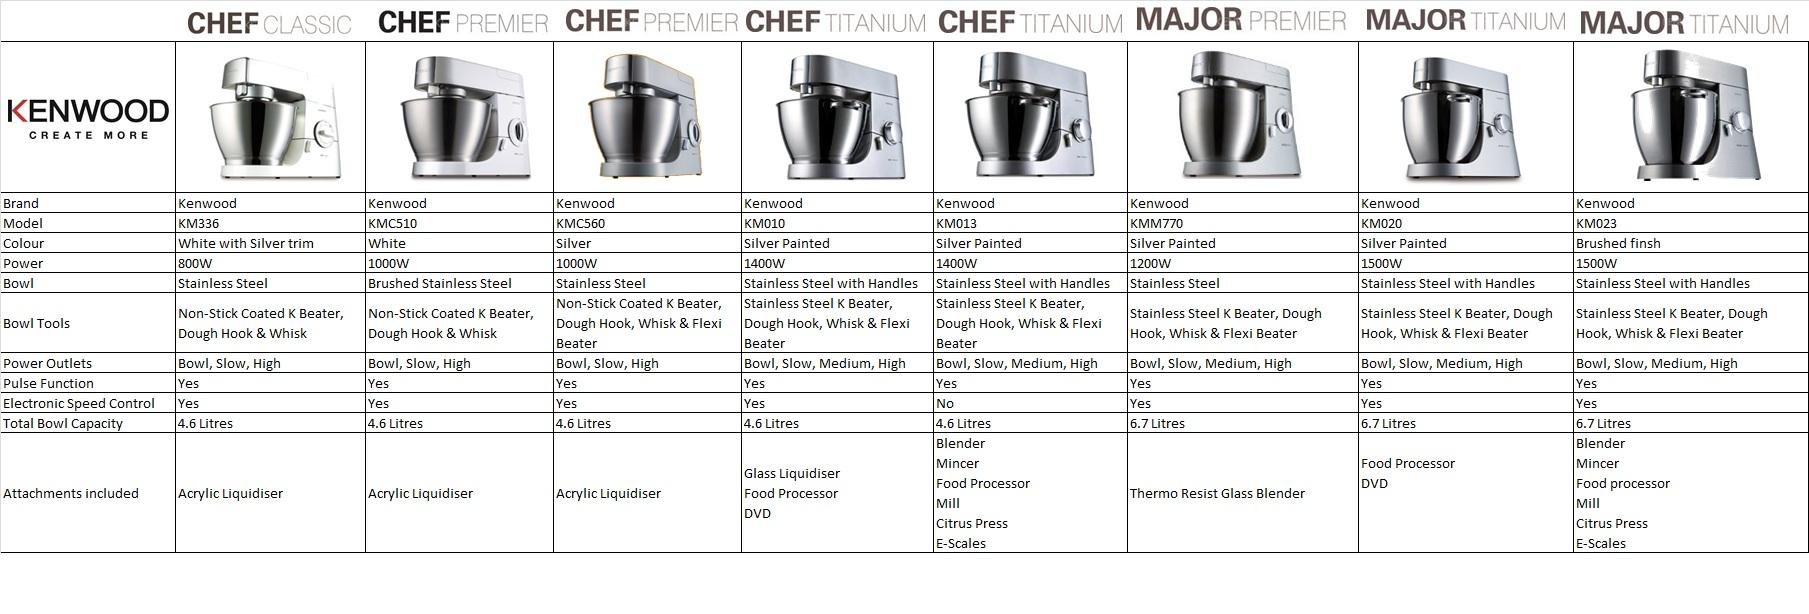 Kenwood Chef Major Titanium Km023 6 7 Litre Kitchen